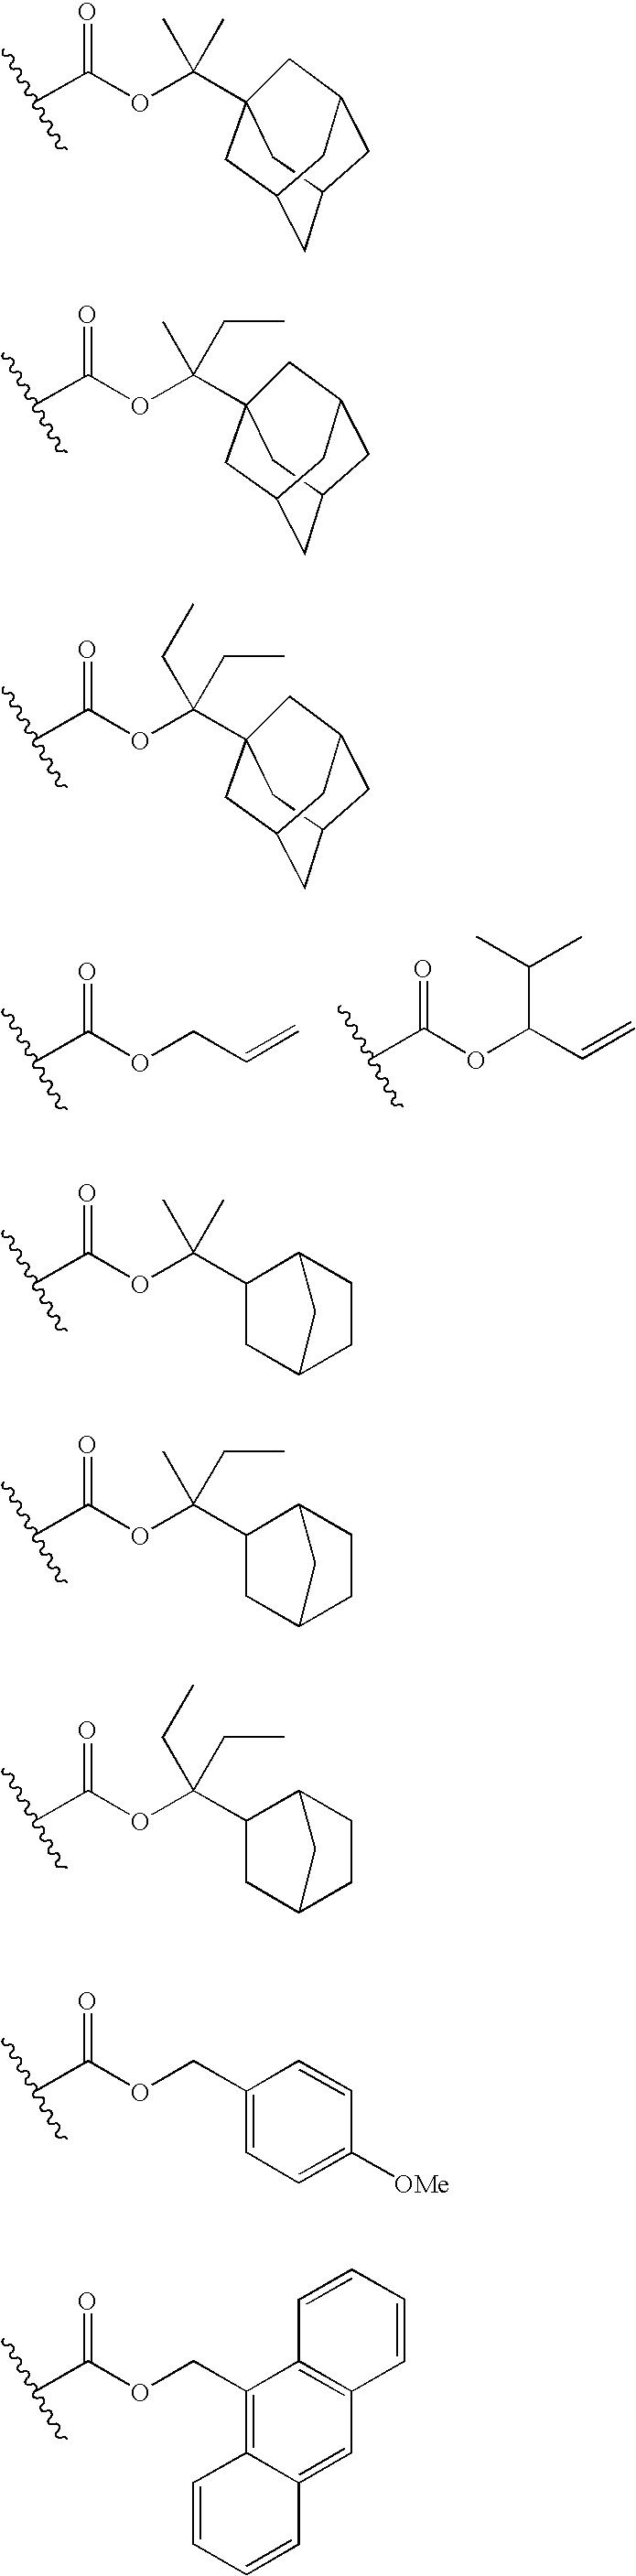 Figure US08637229-20140128-C00093